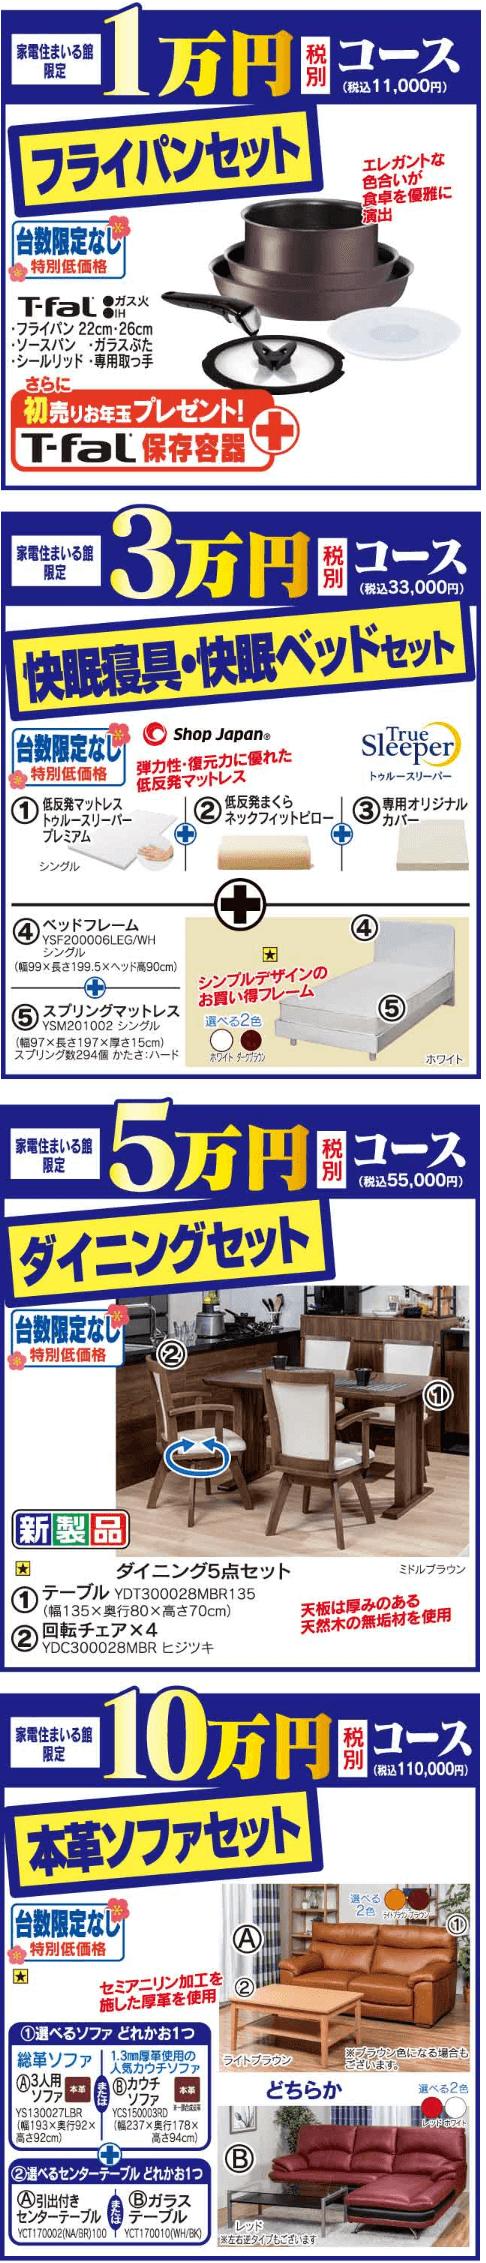 ヤマダ電機の家具・インテリア福袋4種類の内容